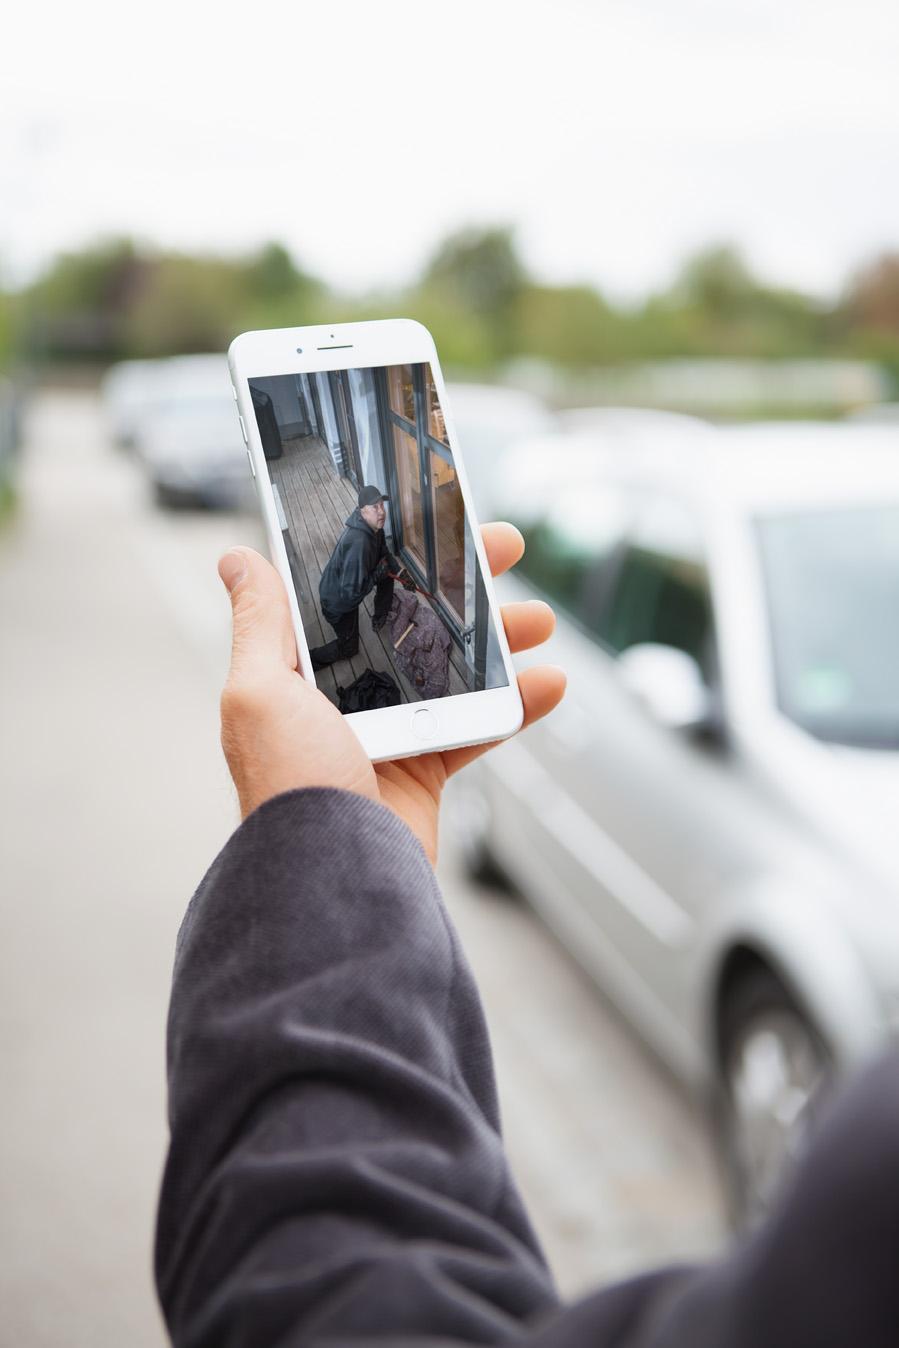 Eine Person hält ein Smartphone in der Hand auf dem man einen Einbrecher sieht